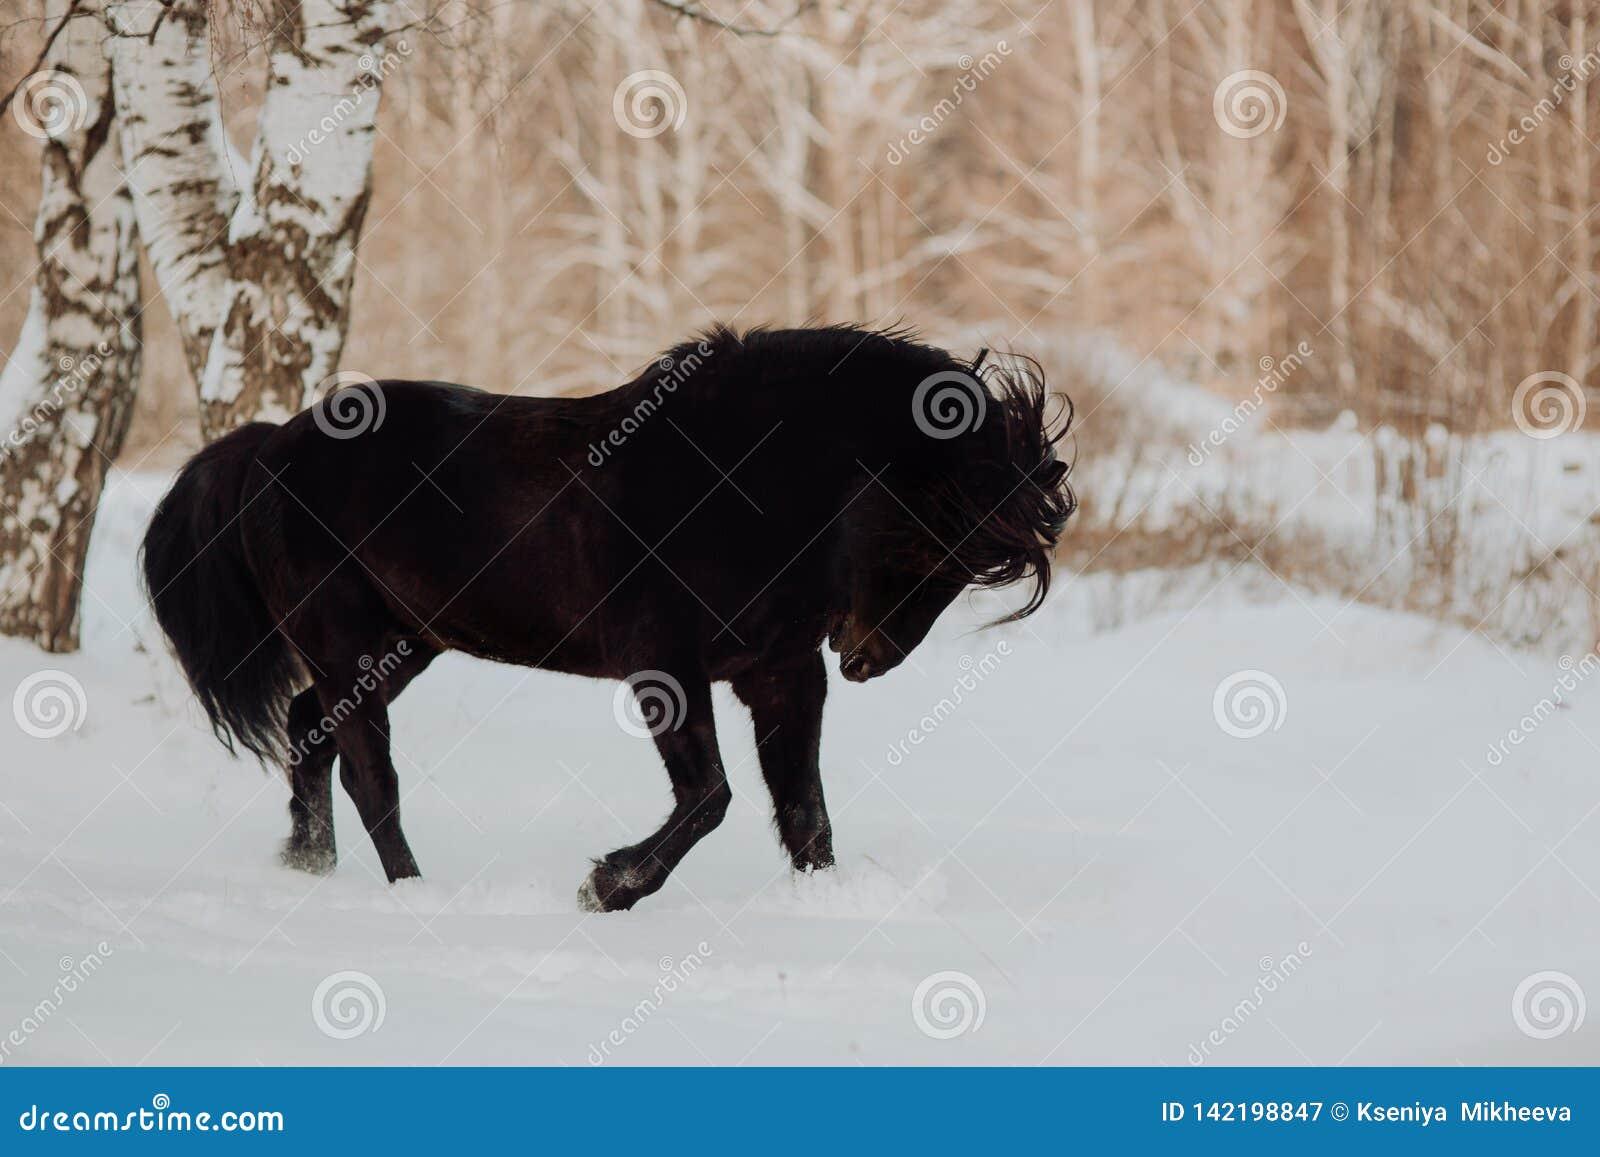 El caballo negro funciona con galope en invierno en la nieve blanca en bosque